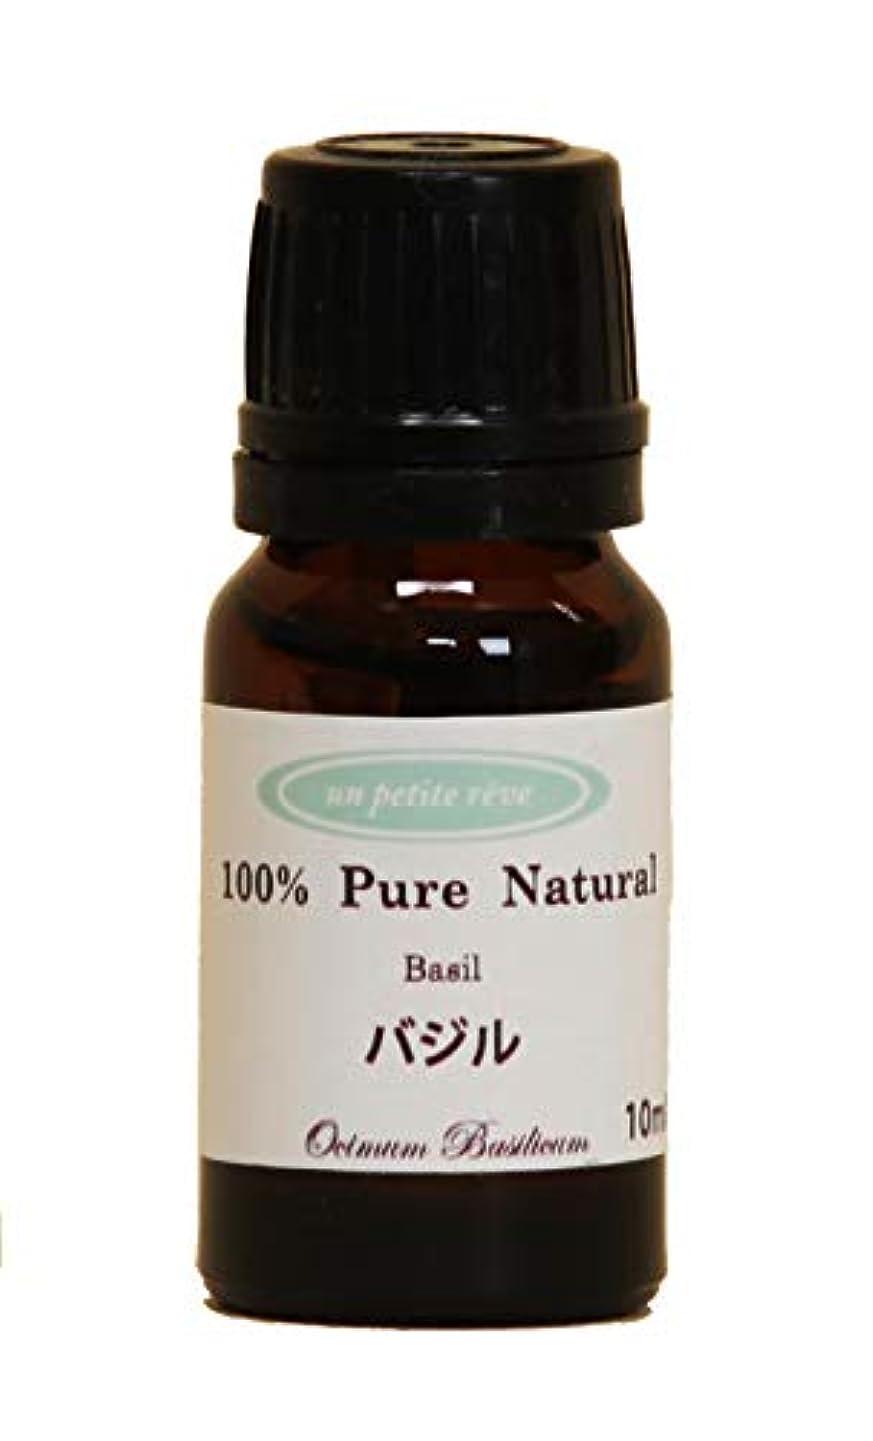 バジル 10ml 100%天然アロマエッセンシャルオイル(精油)